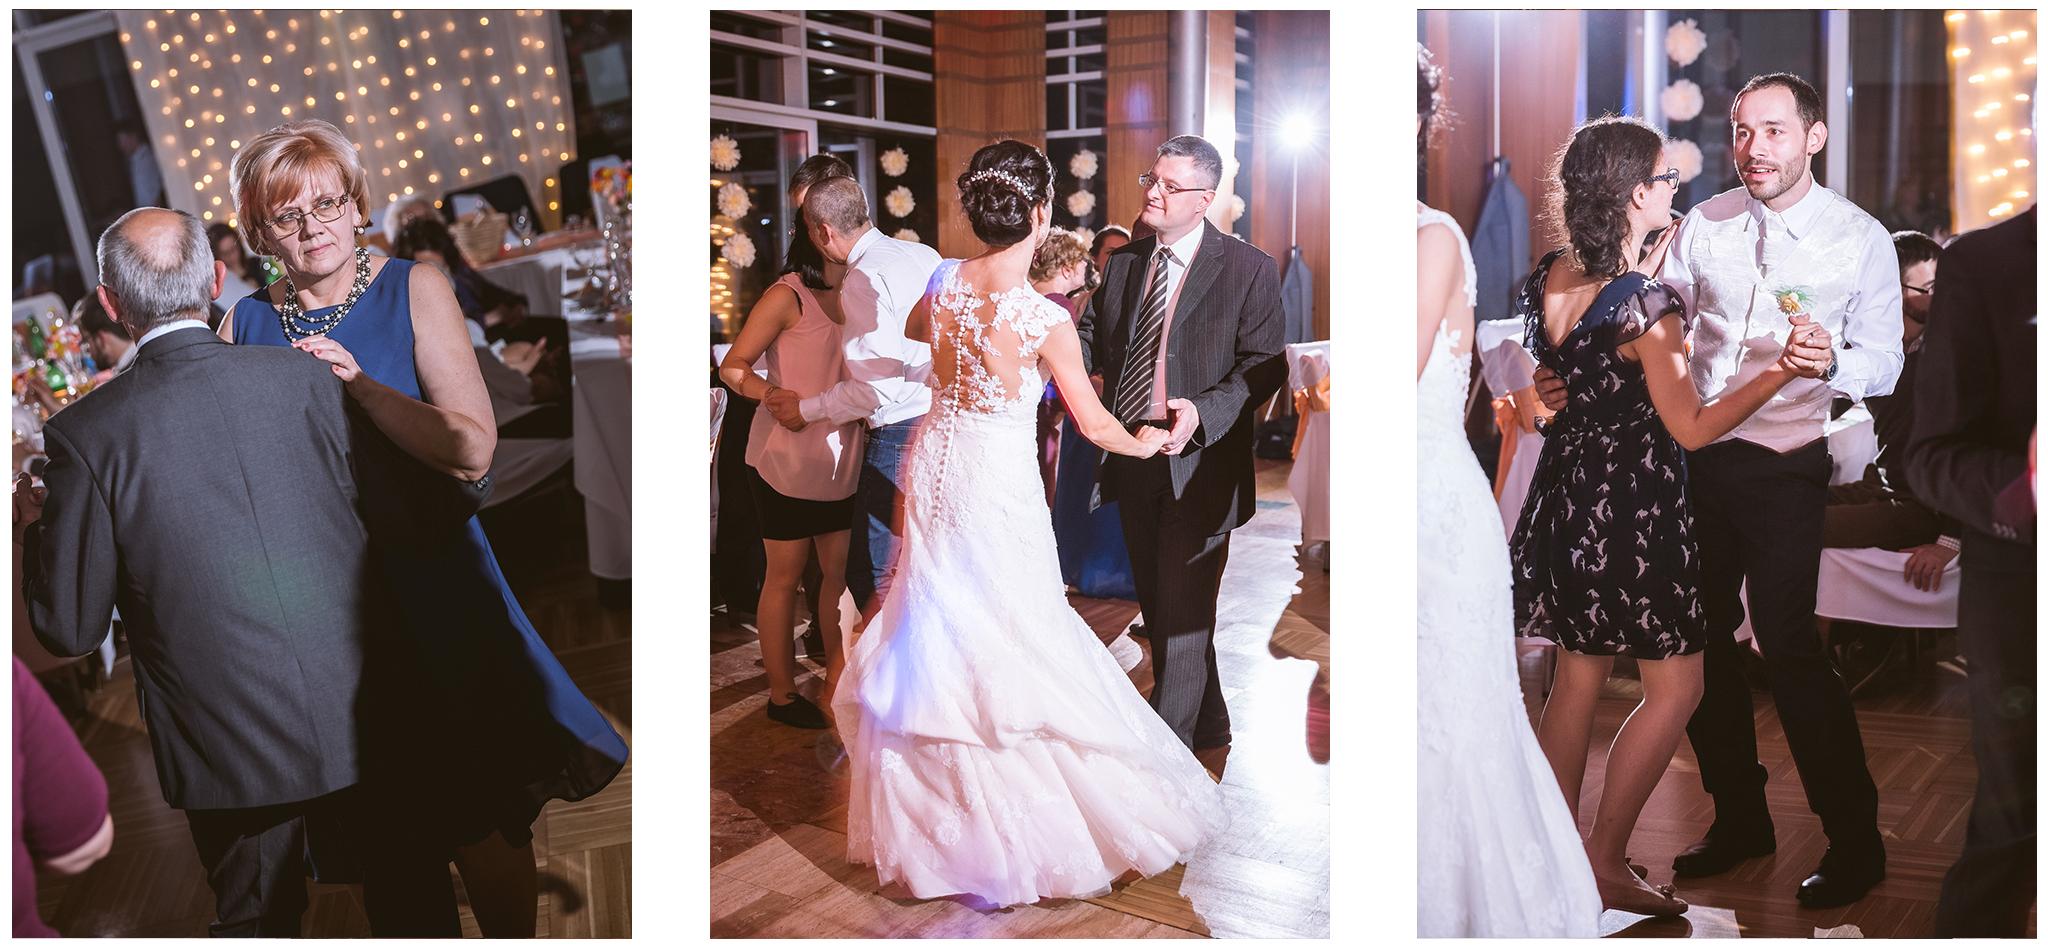 FylepPhoto, esküvőfotós, esküvői fotós Körmend, Szombathely, esküvőfotózás, magyarország, vas megye, prémium, jegyesfotózás, Fülöp Péter, körmend, kreatív, fotográfus_049.jpg